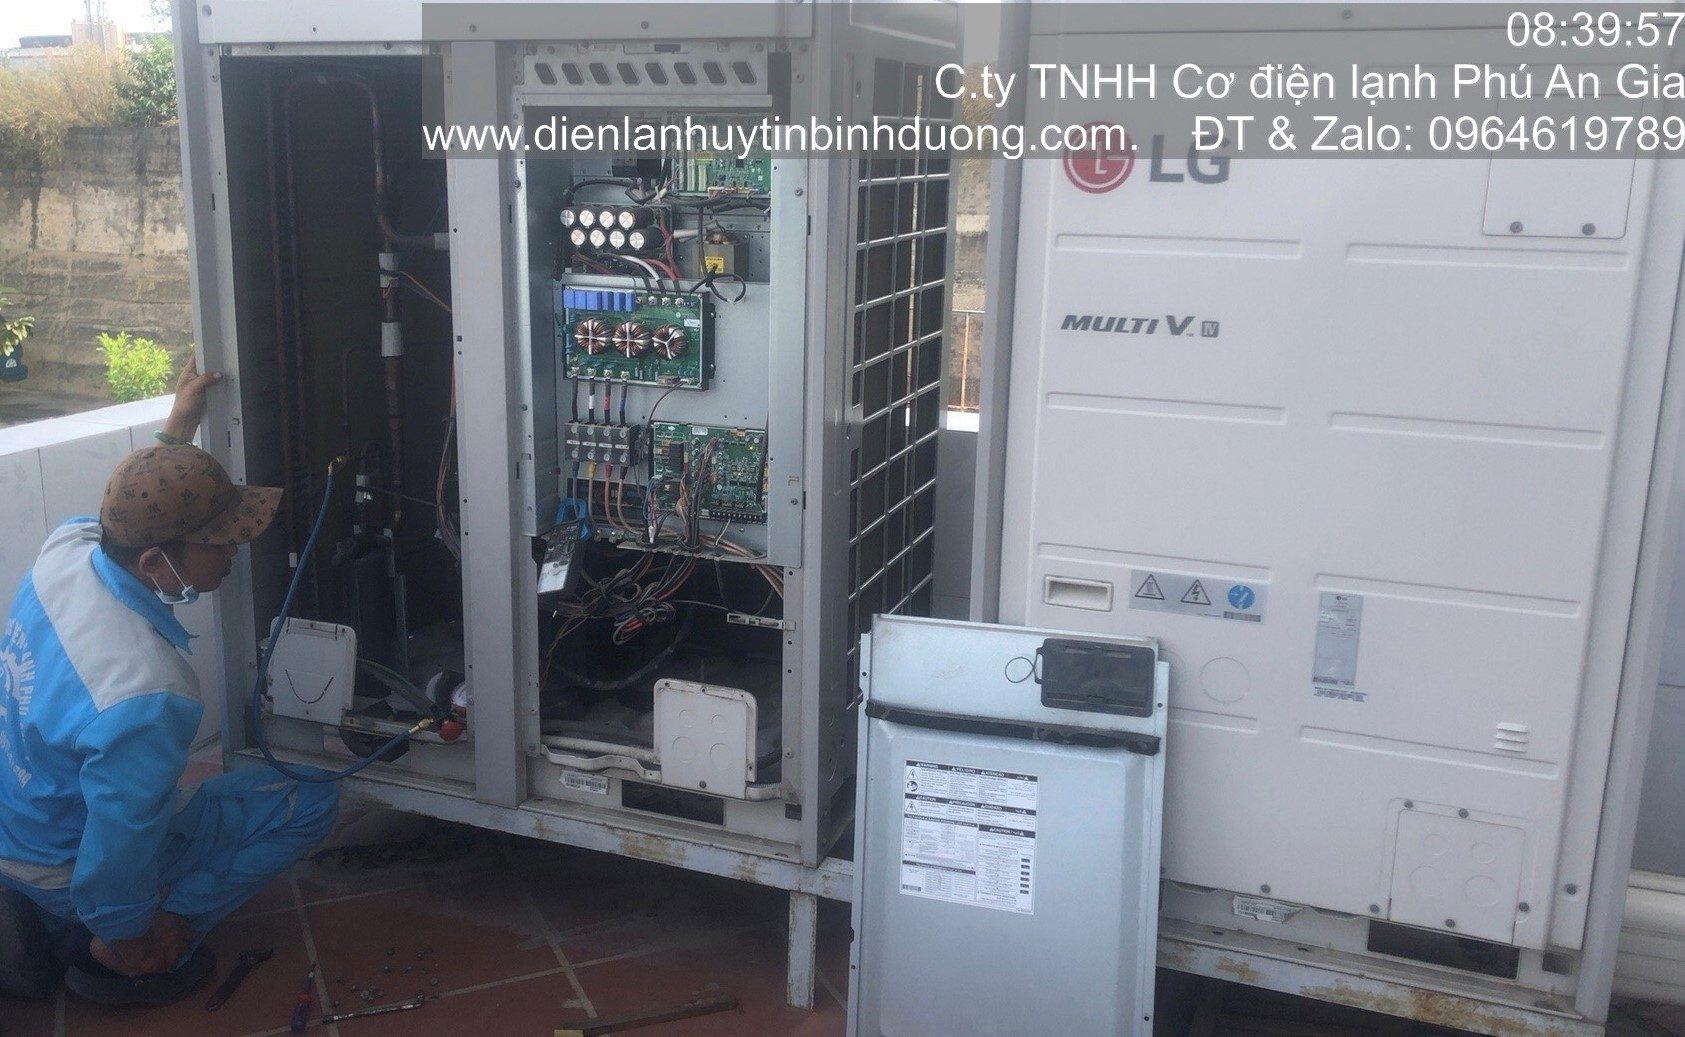 Sửa Máy Lạnh Trung Tâm Lg